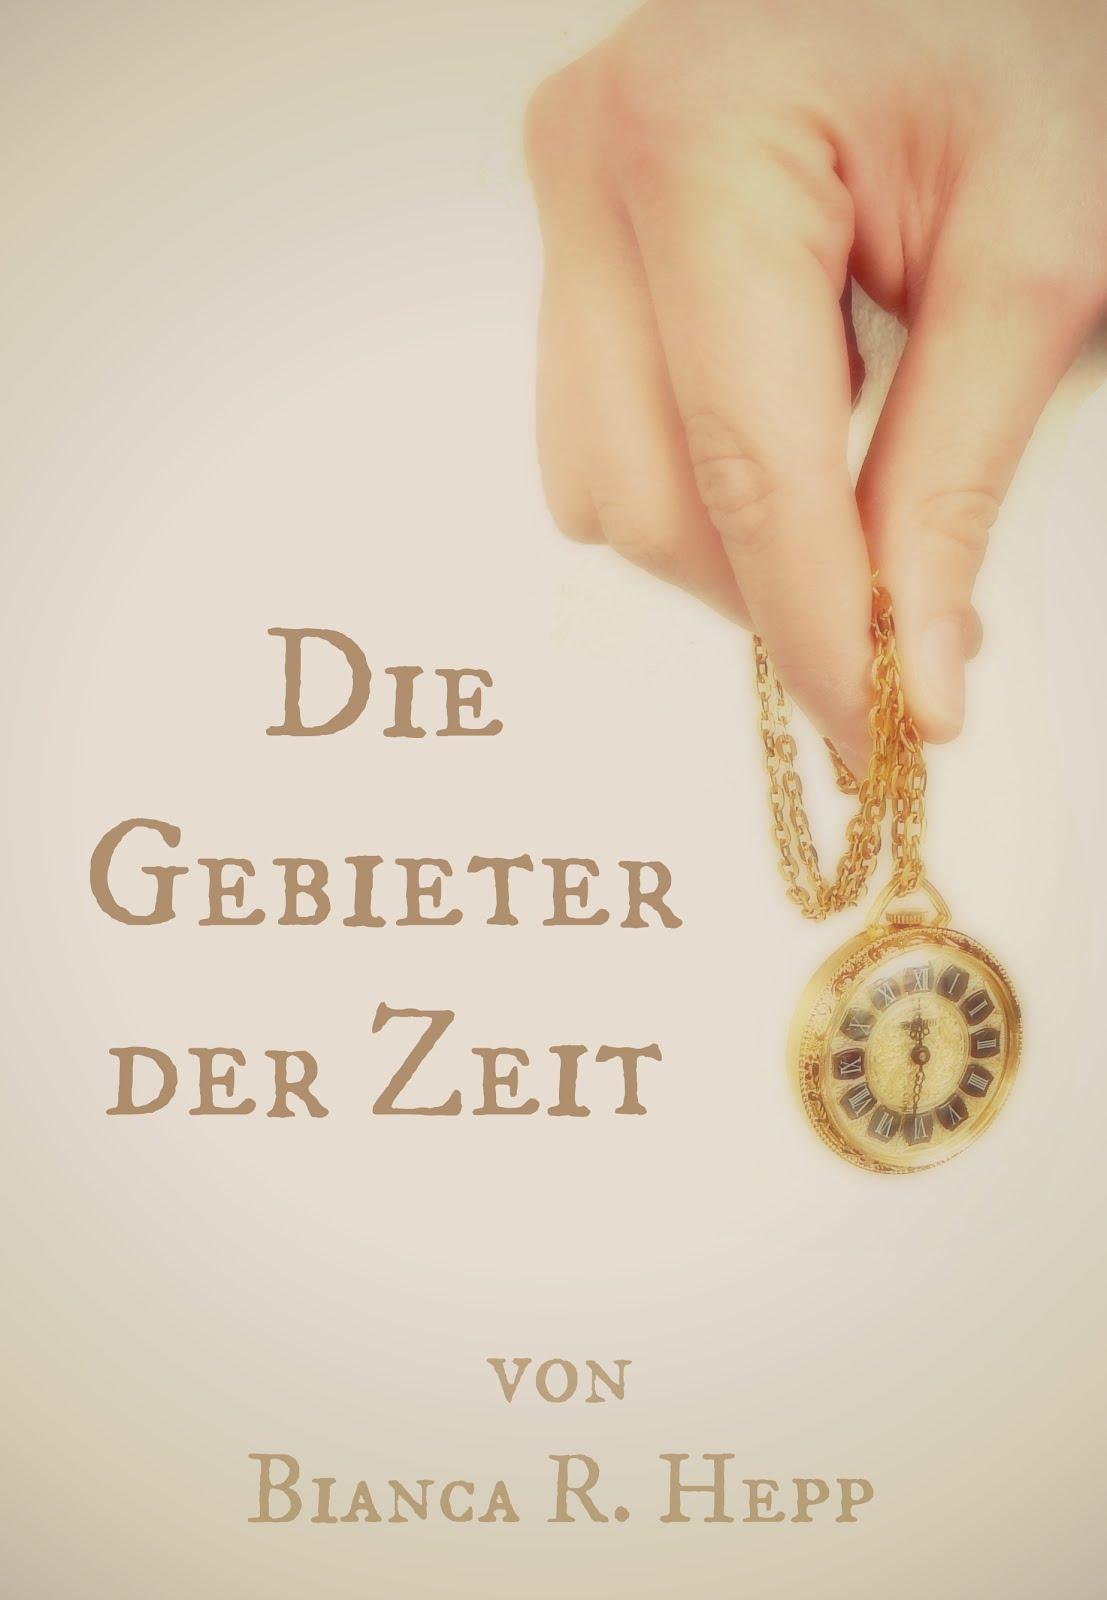 Unterstützt mich und meinen Fantasy-Roman Die Gebieter der Zeit beim Schreibwettbewerb auf Sweek!